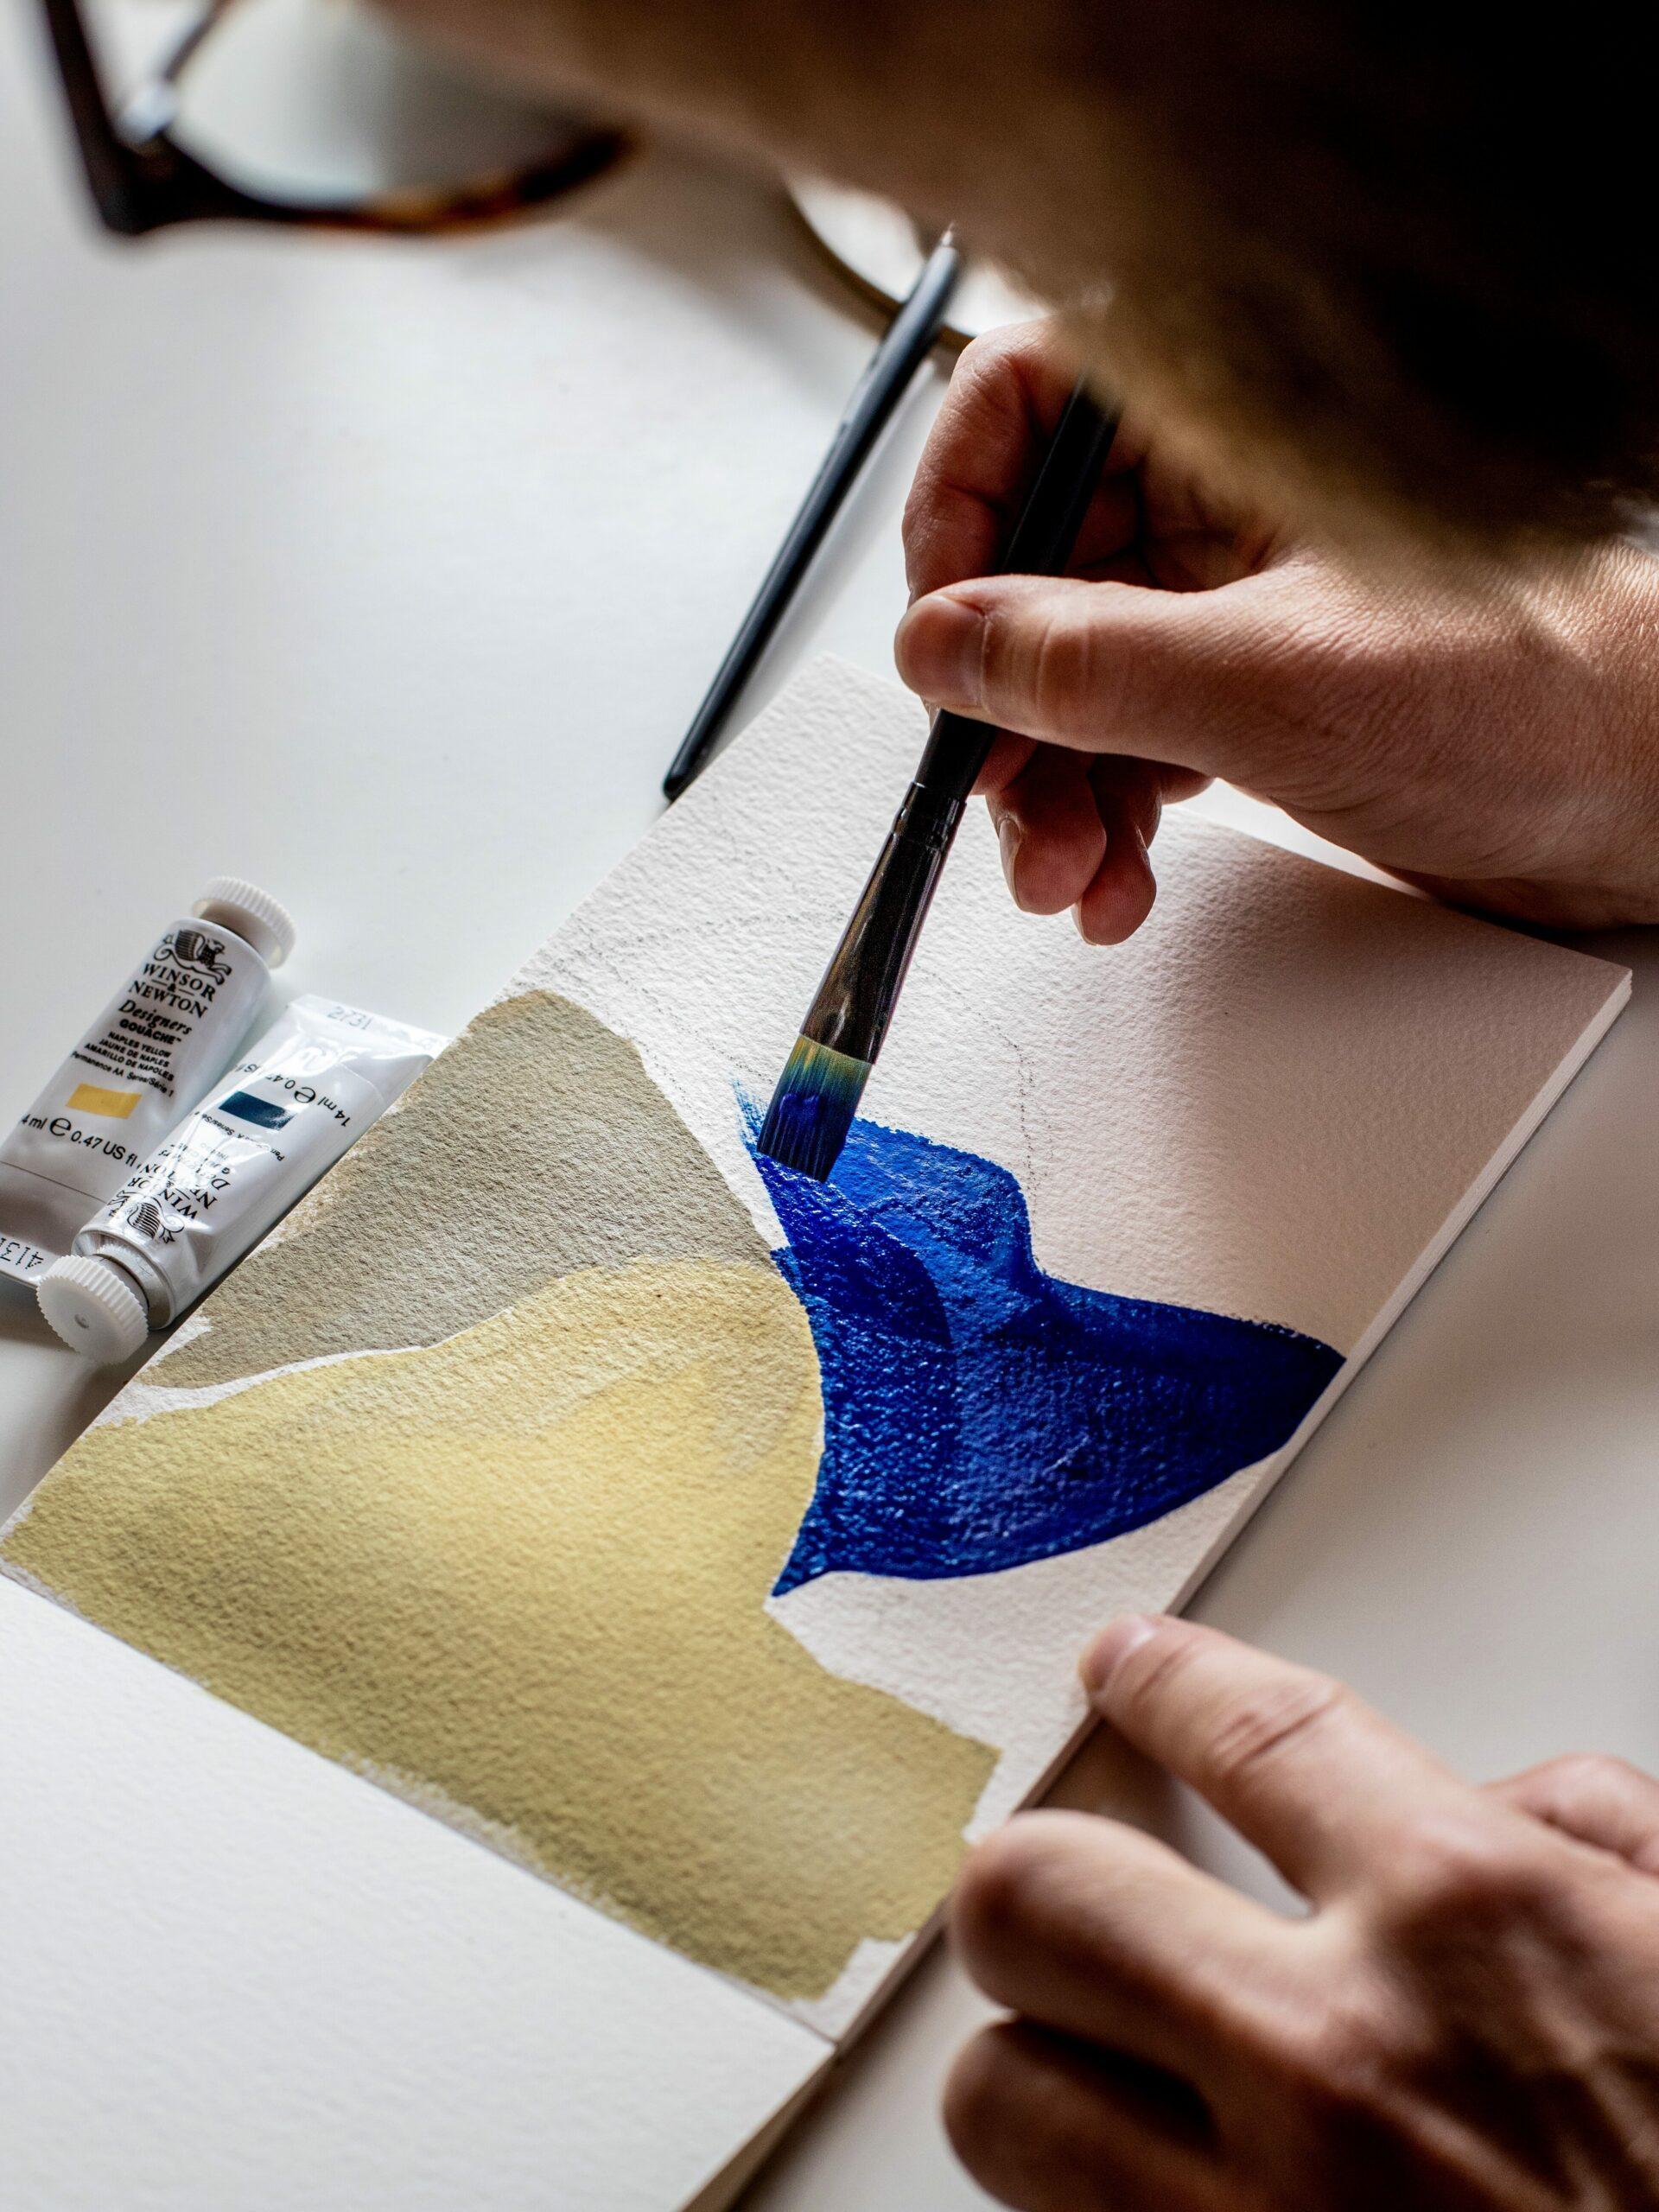 Fjelltopp packaging design in the making.